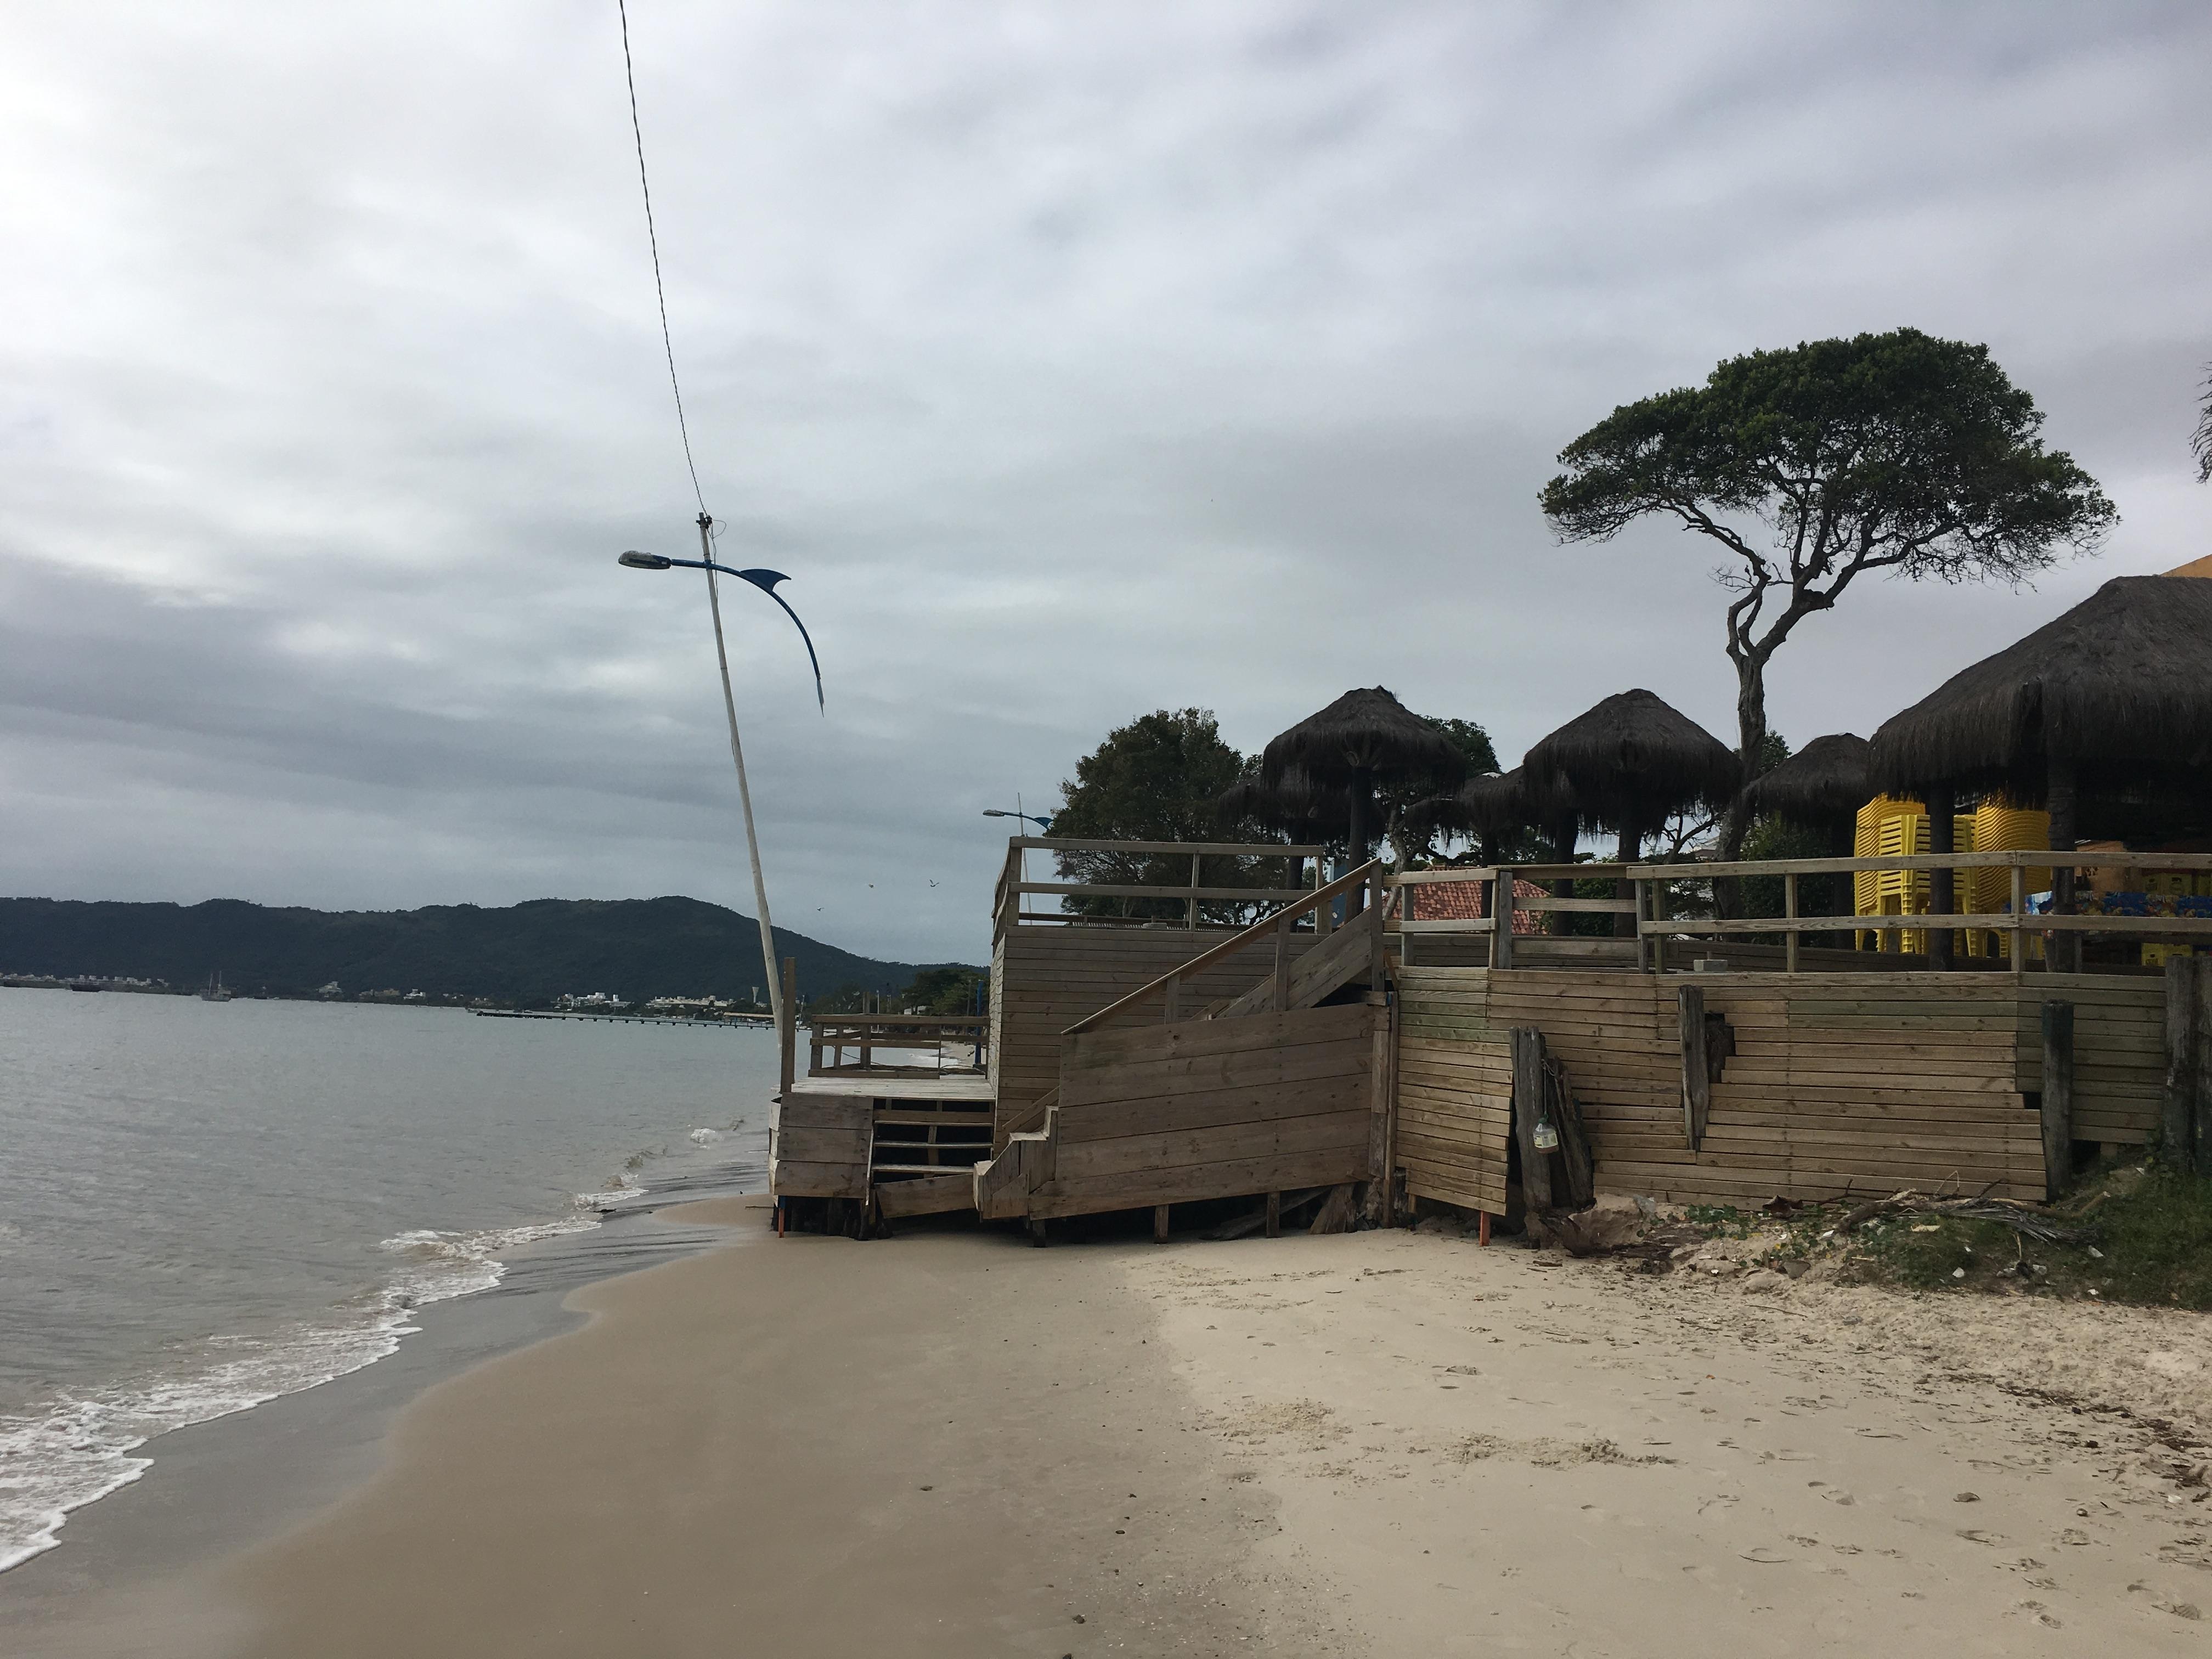 Restaurante antes da última ressaca (na foto abaixo, veja após a destruição) - Divulgação/Defesa Civil/ND